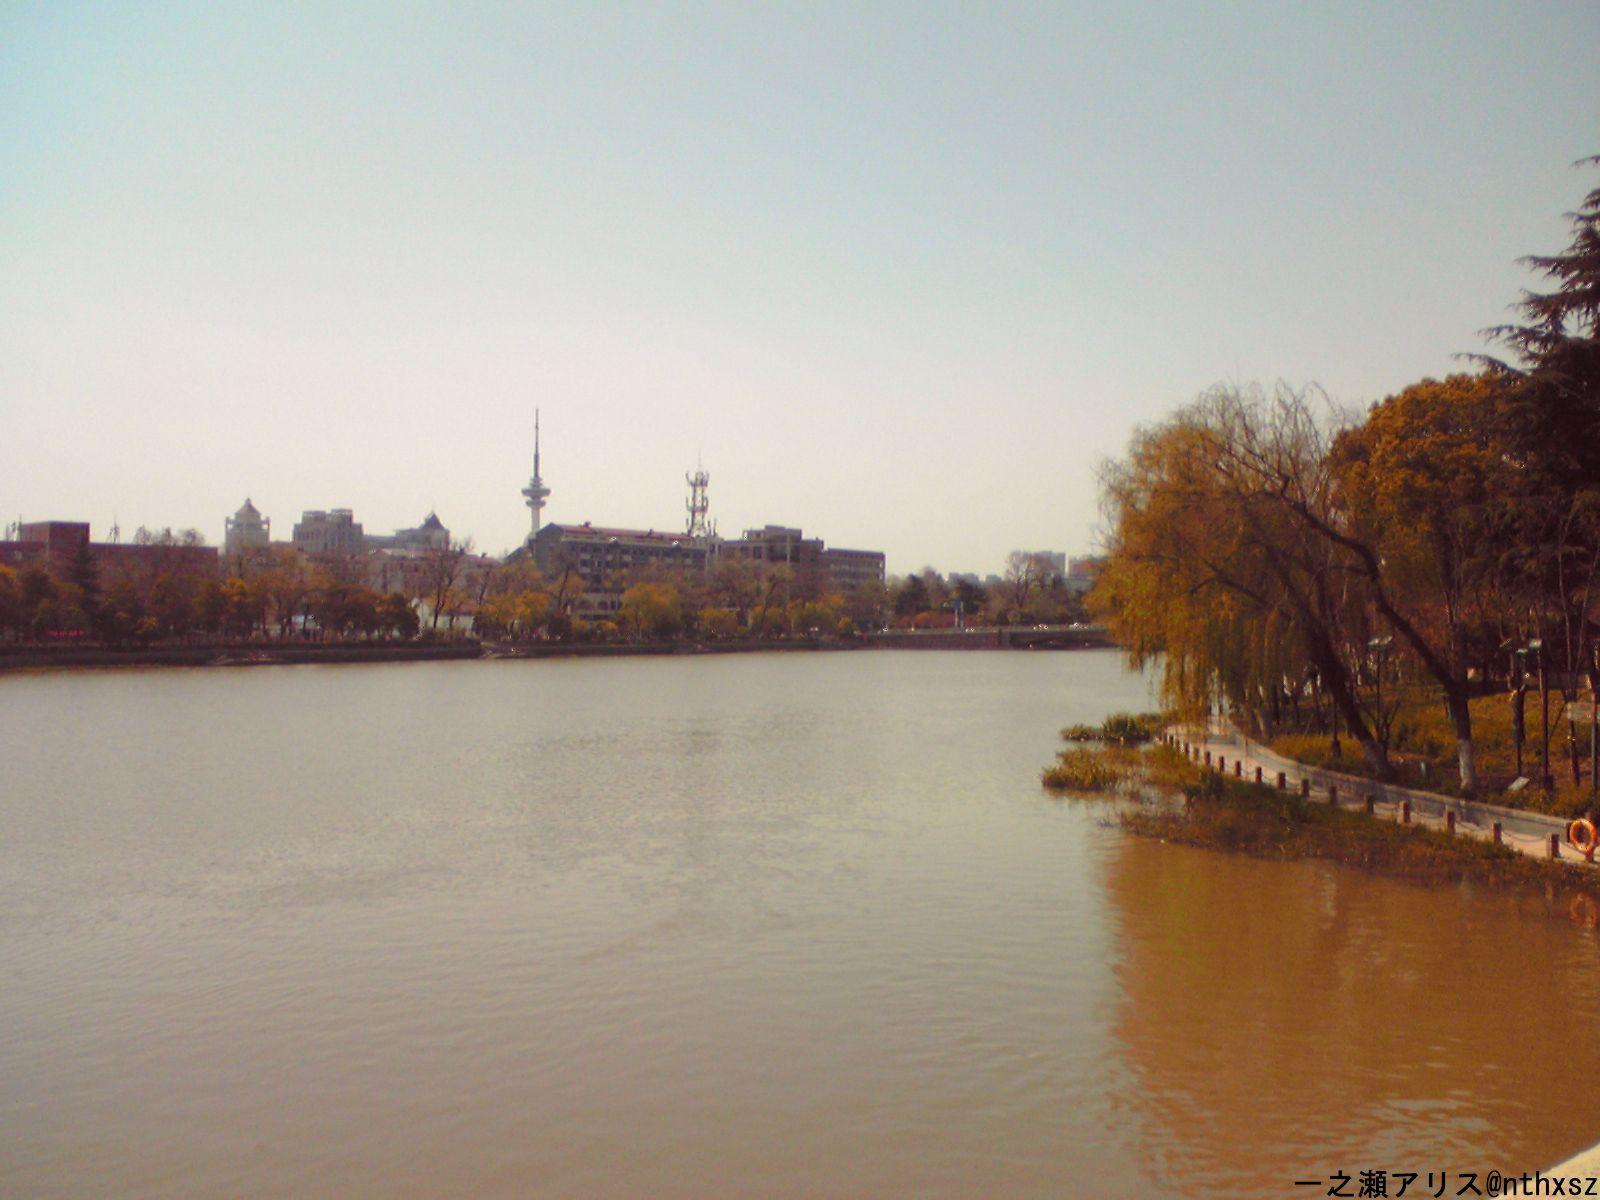 image 200401-191132jpg.jpeg